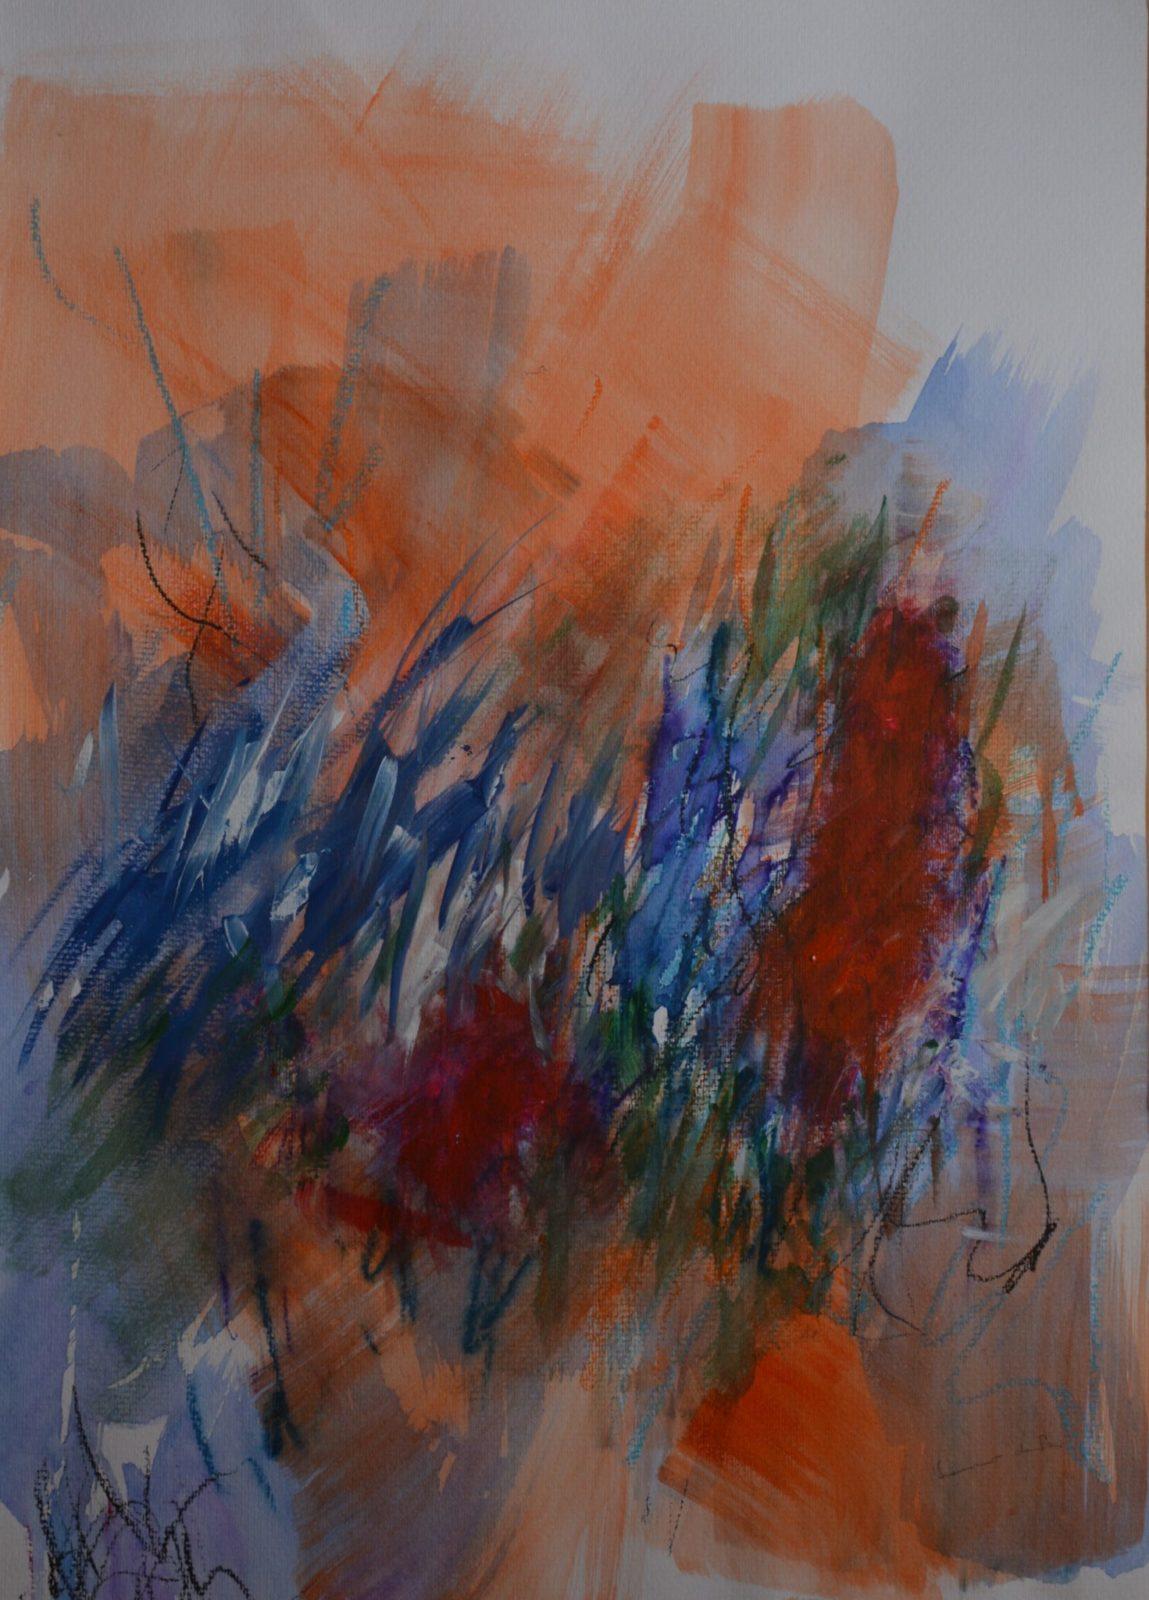 Emerveillements 1-Aquarelle et Pastel -50×65